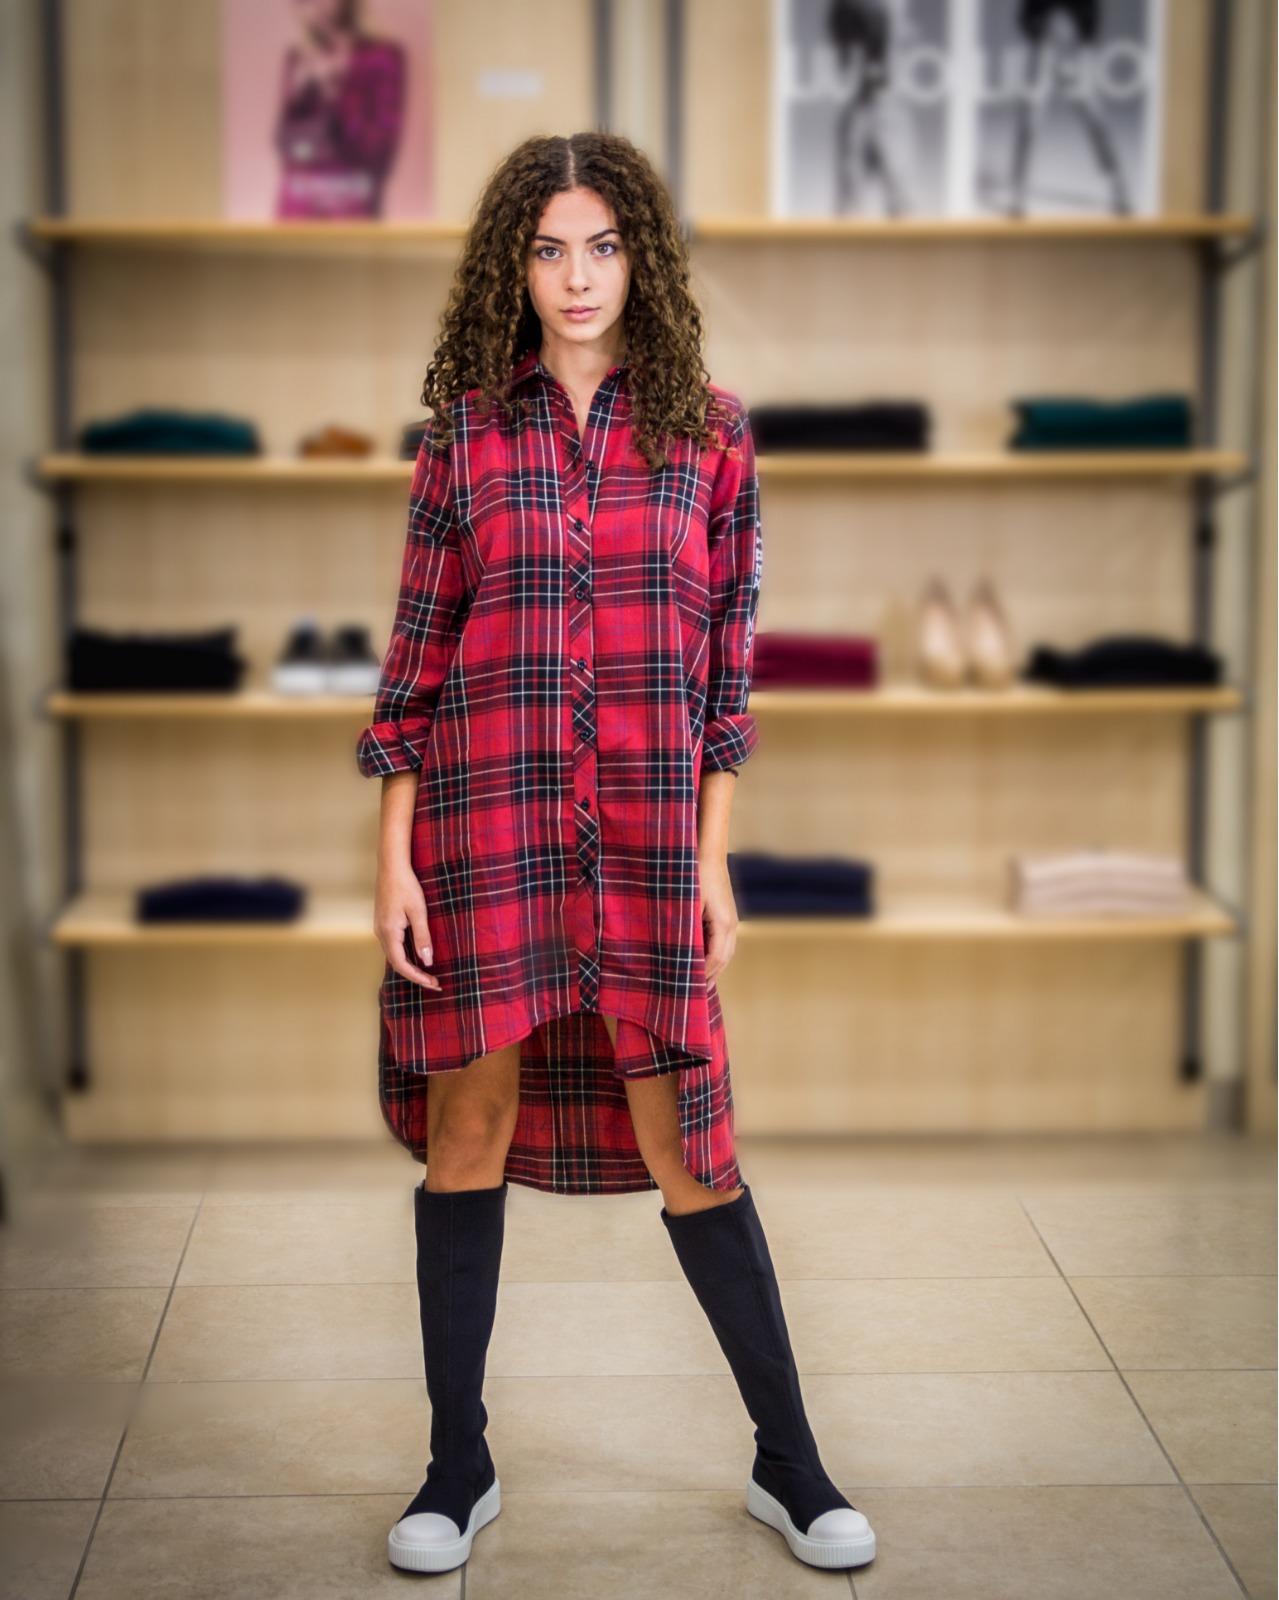 Pyrex : lo sport style che diventa fashion!